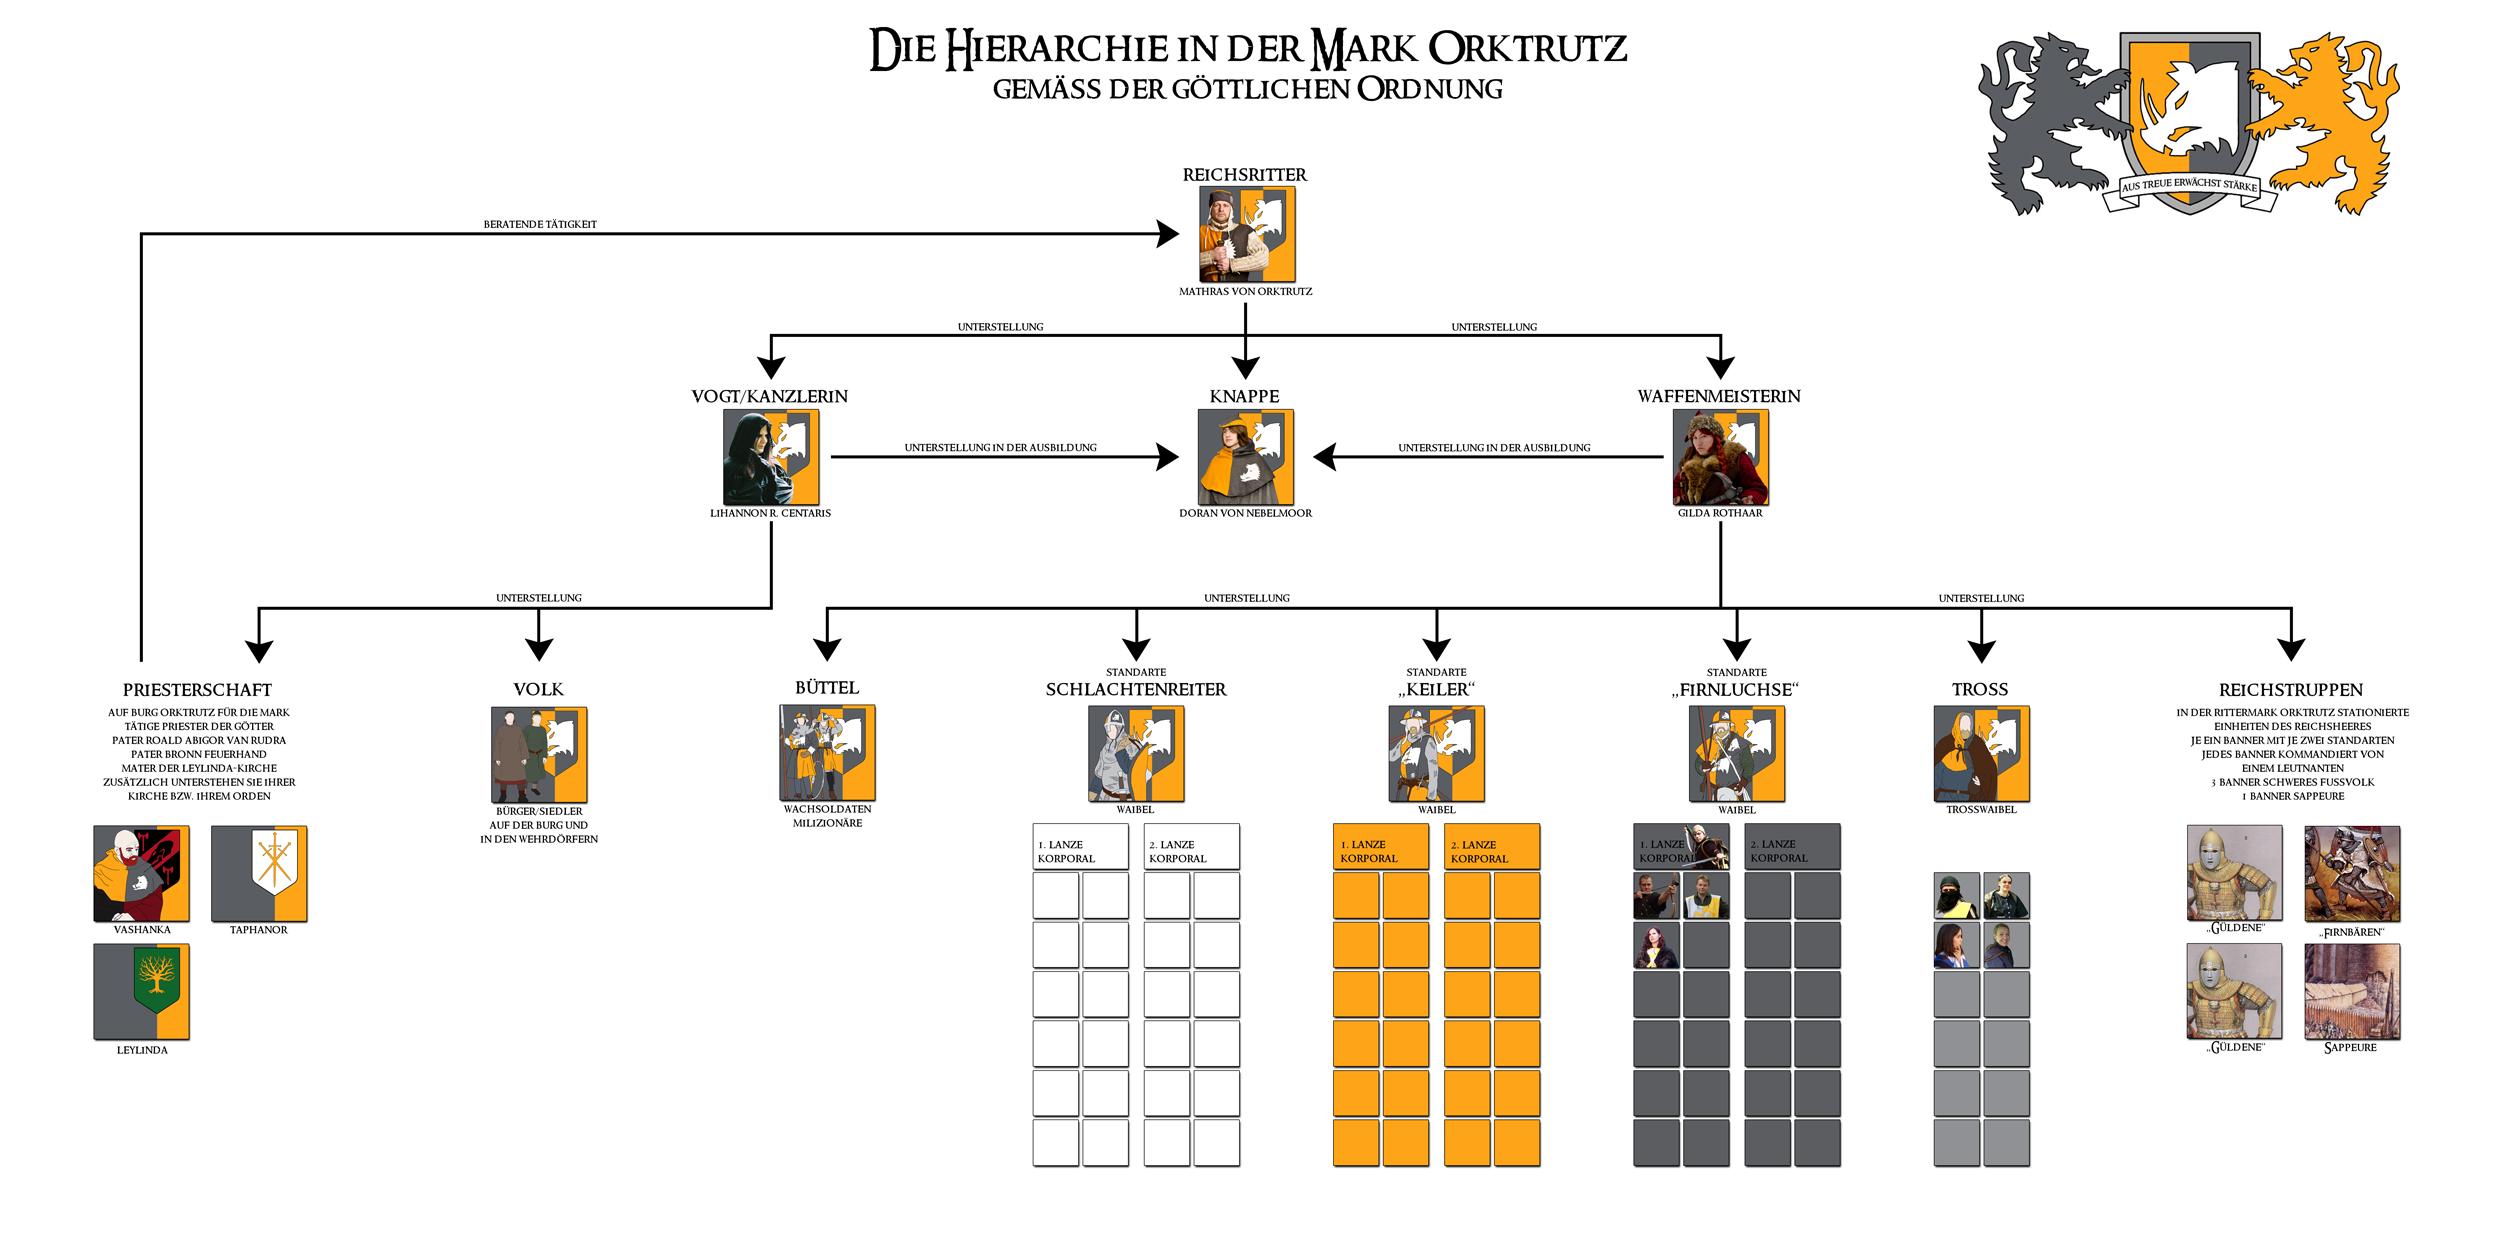 Die Hierarchie in der Mark Orktrutz